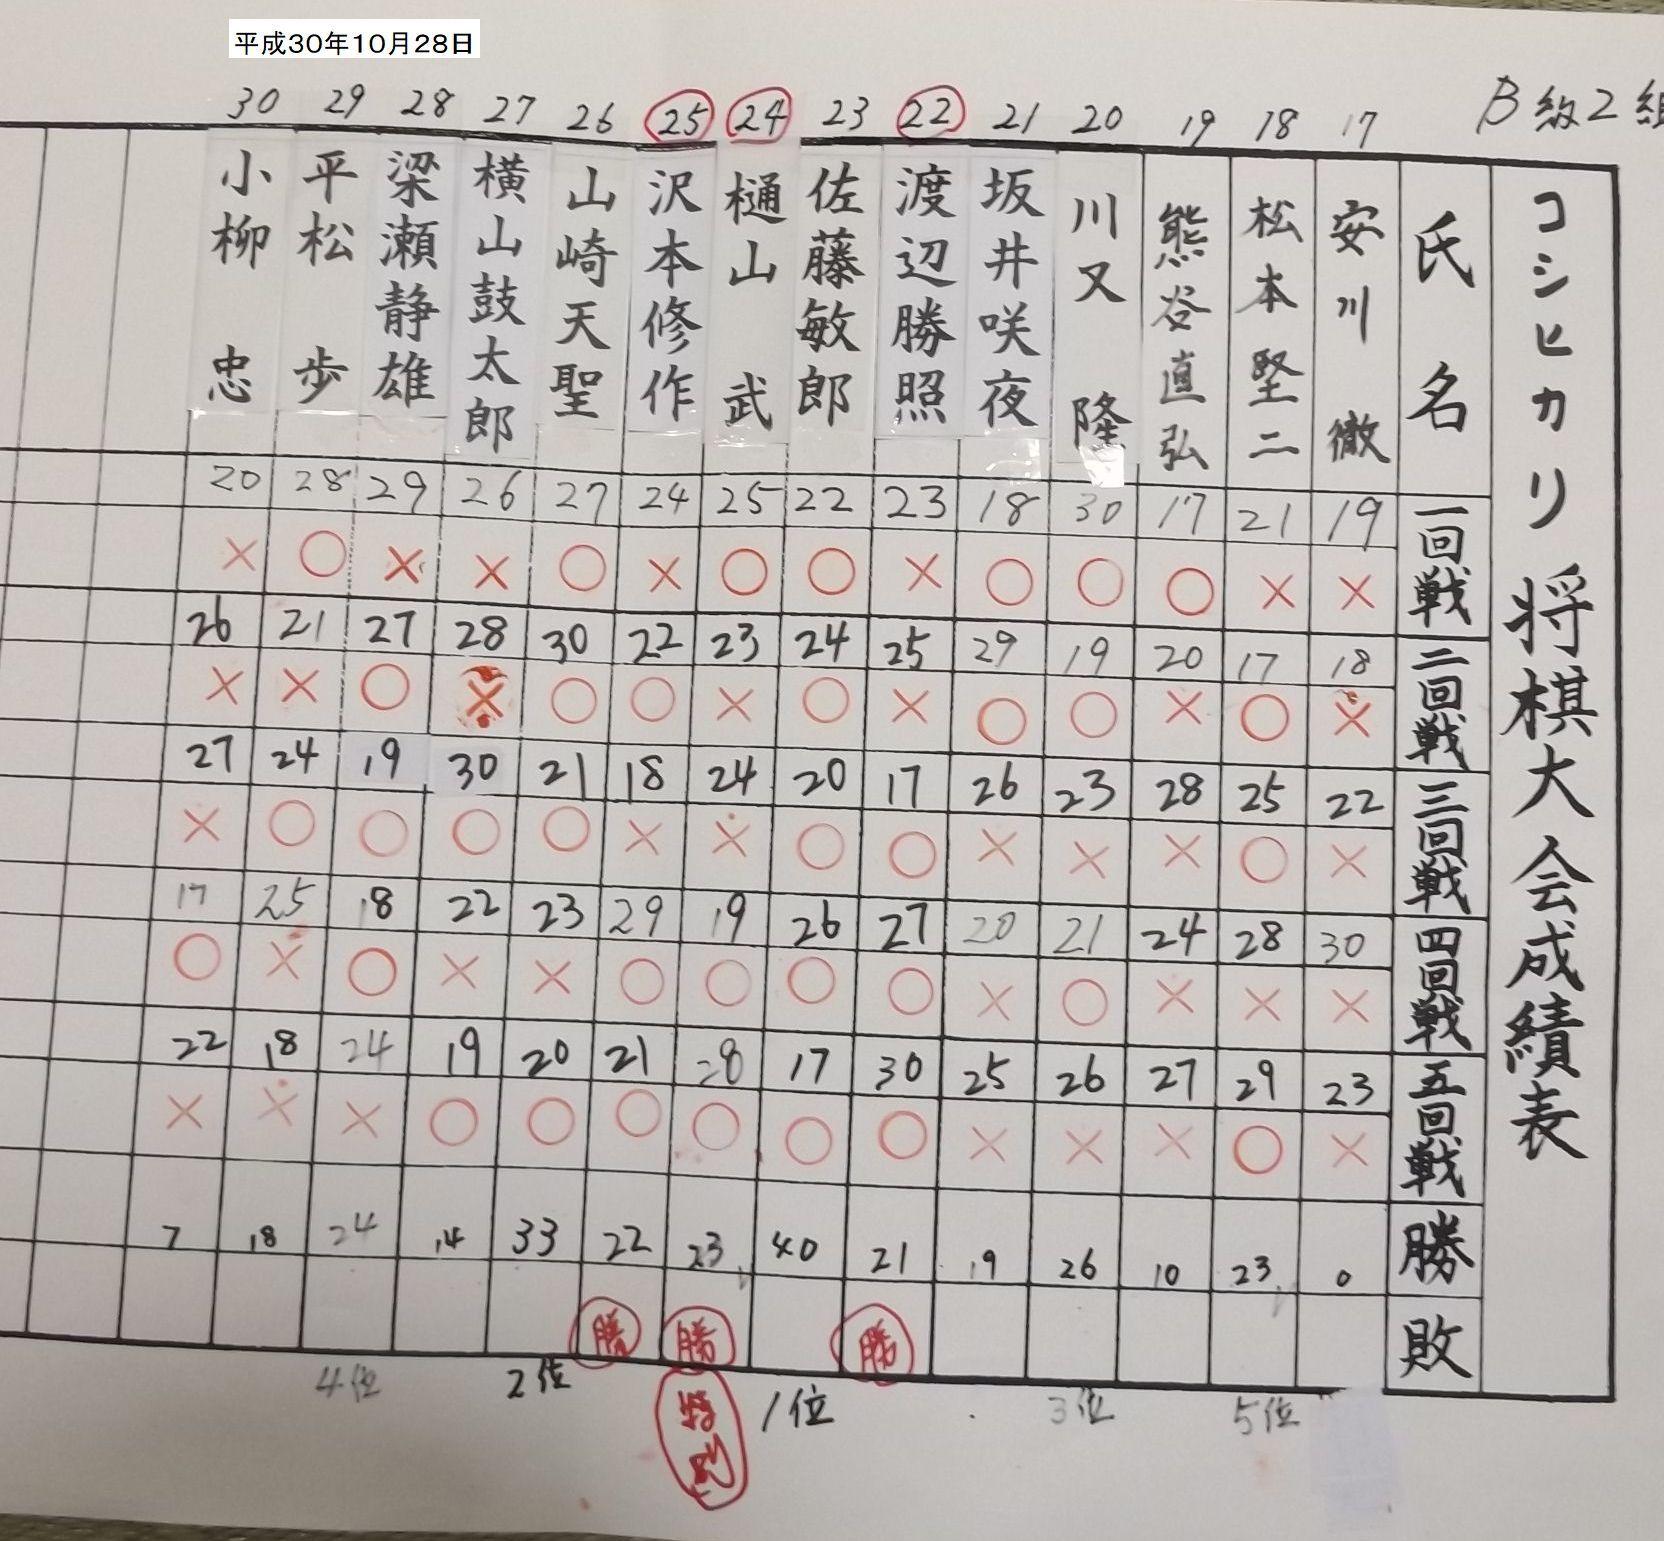 コシヒカリ大会結果_f0031459_19511318.jpg